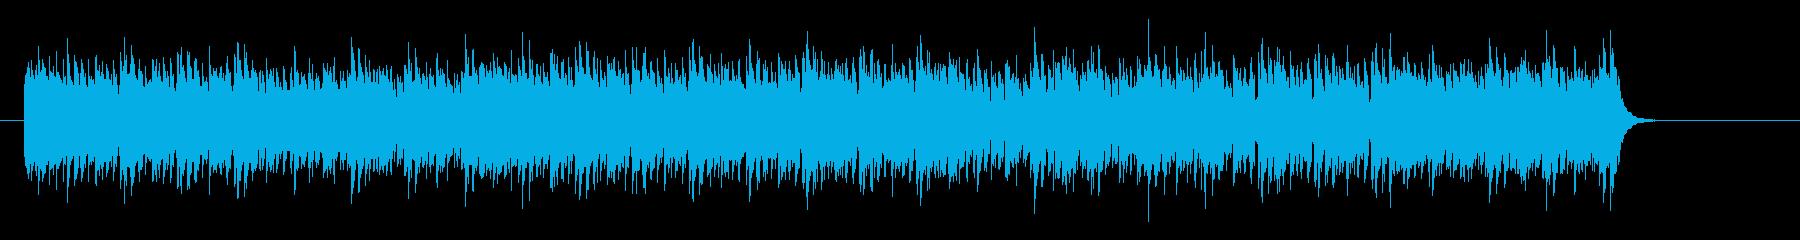 マイナー調の緊迫感漂うサイコサスペンス調の再生済みの波形